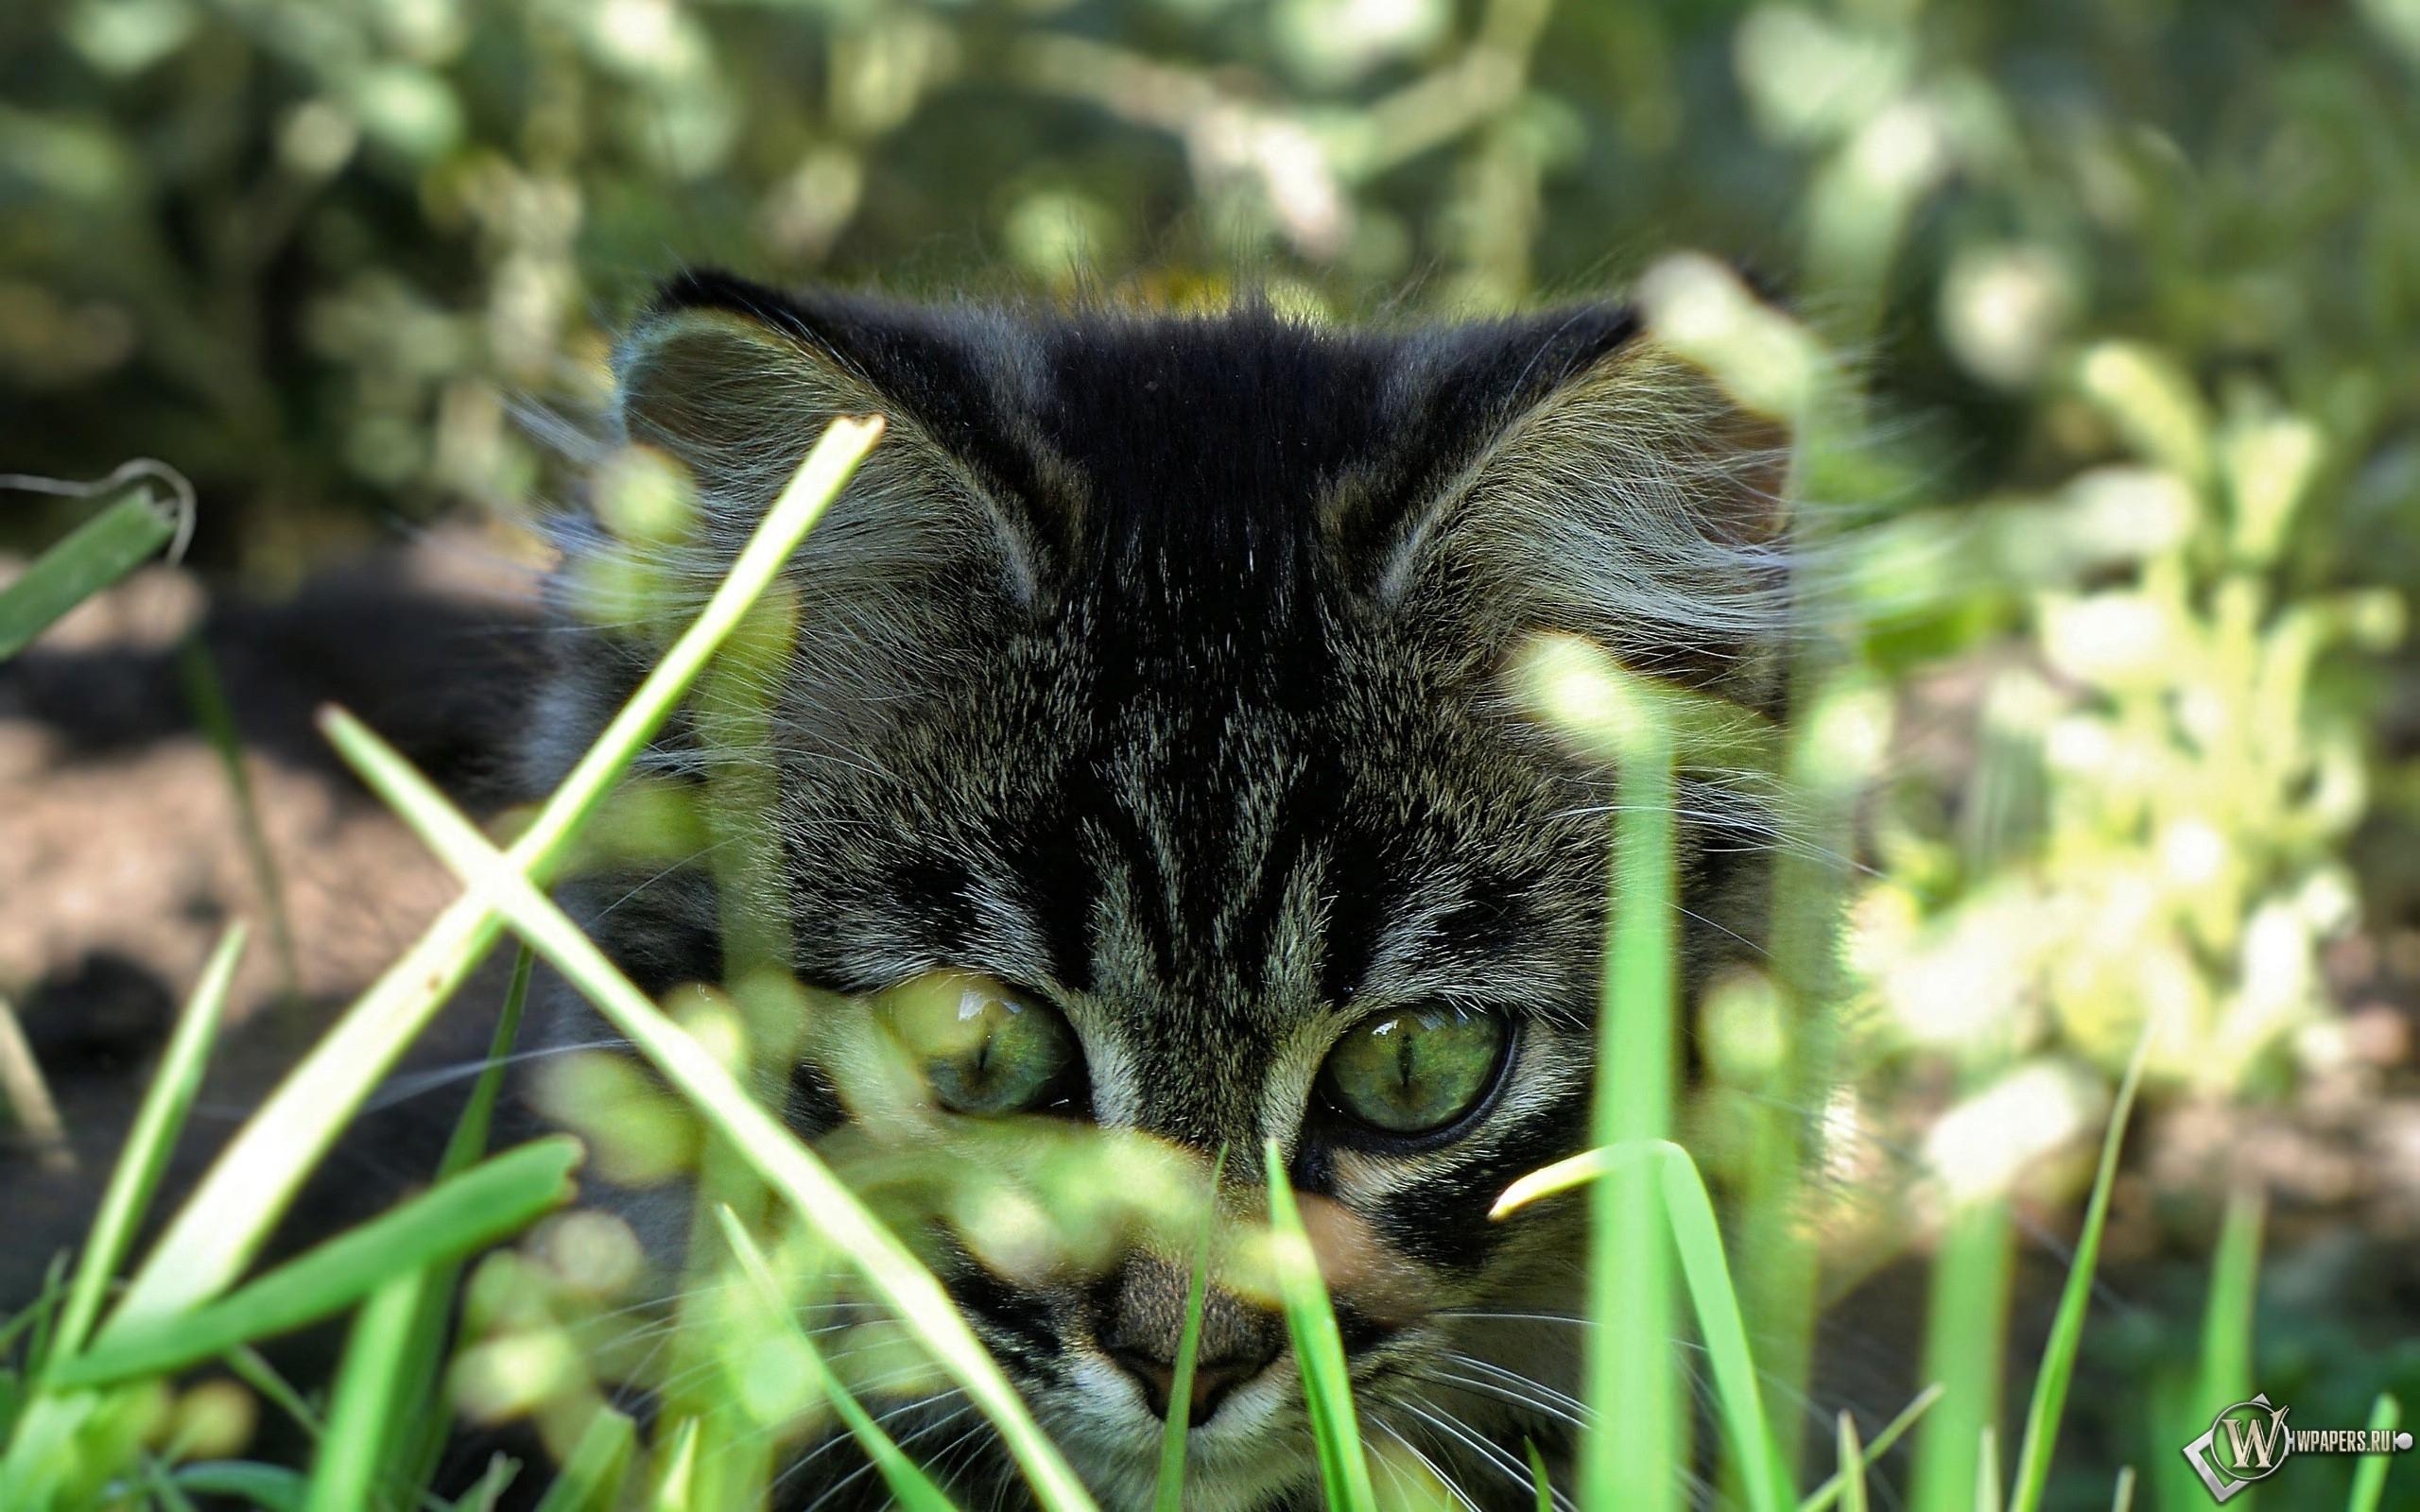 Котёнок за травкой 2560x1600